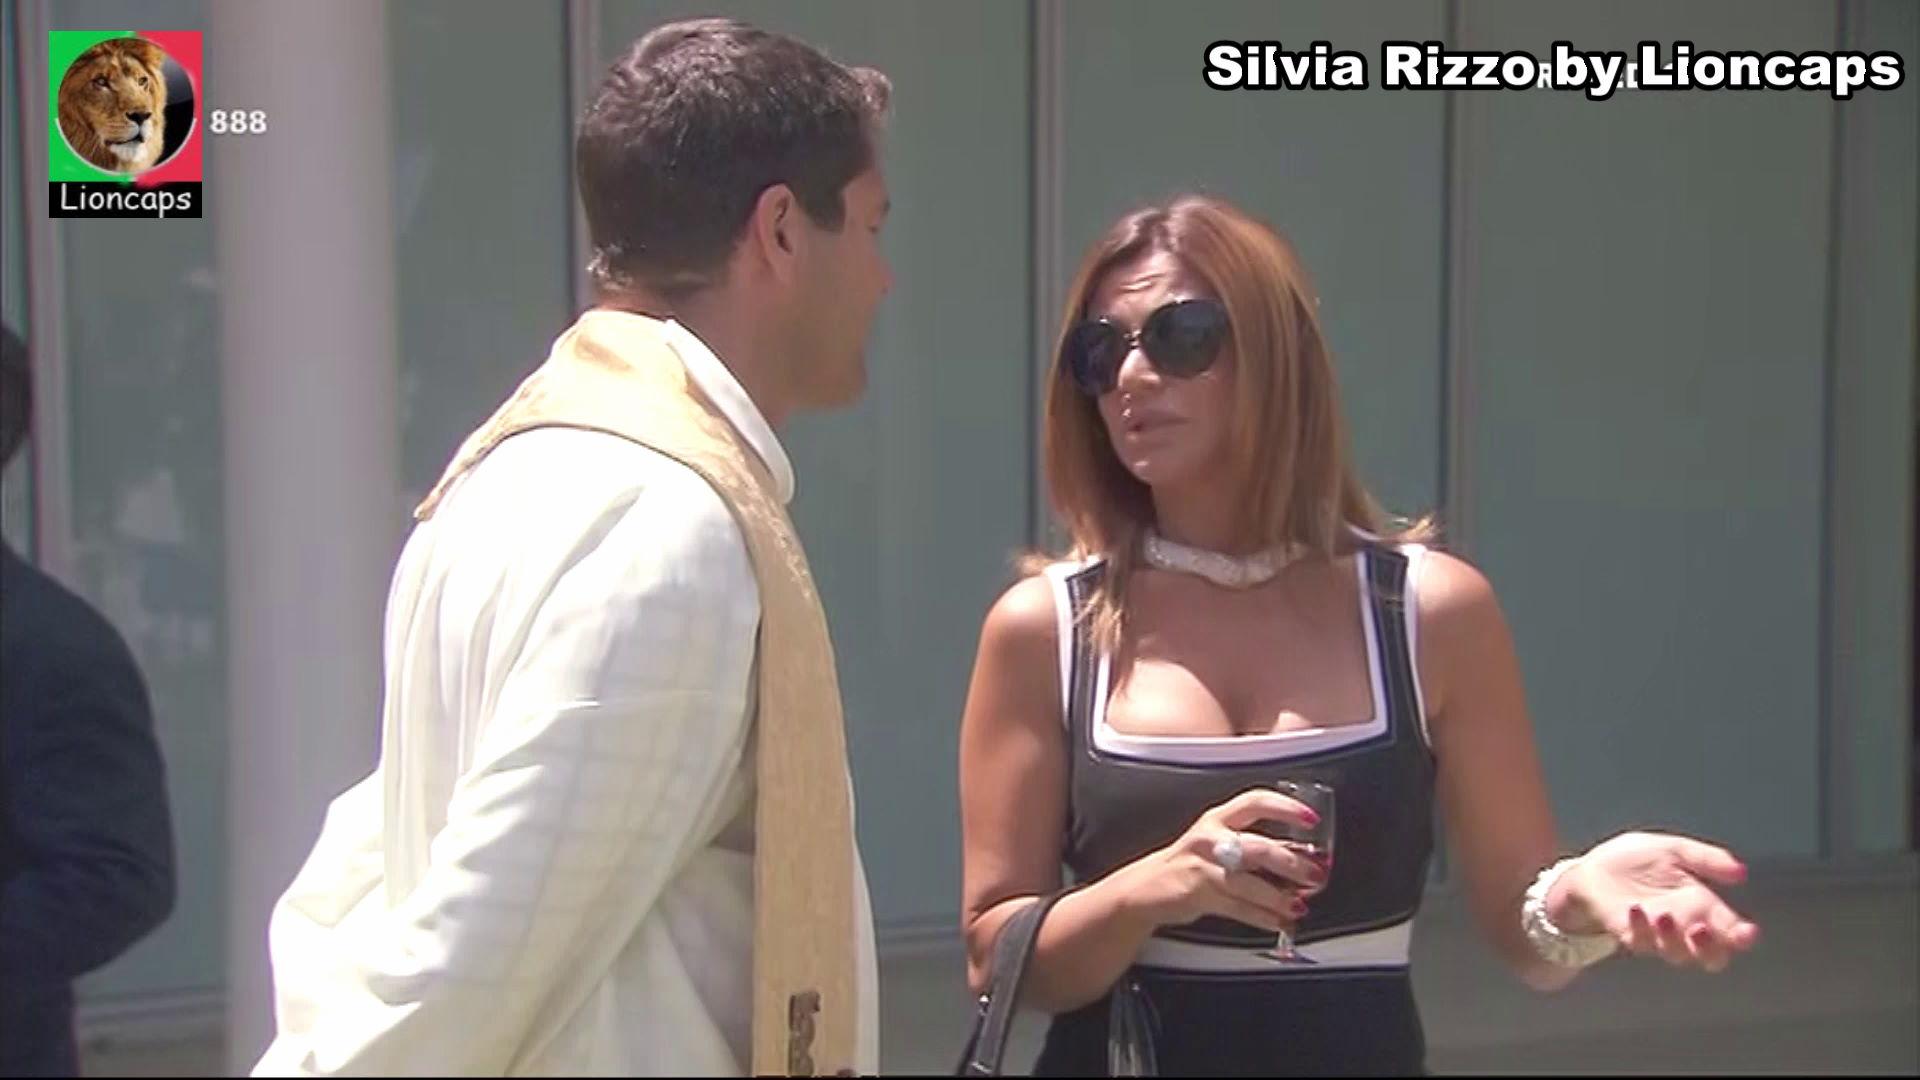 395202243_silvia_rizzo_remedio_vs190113_1821_122_180lo.JPG